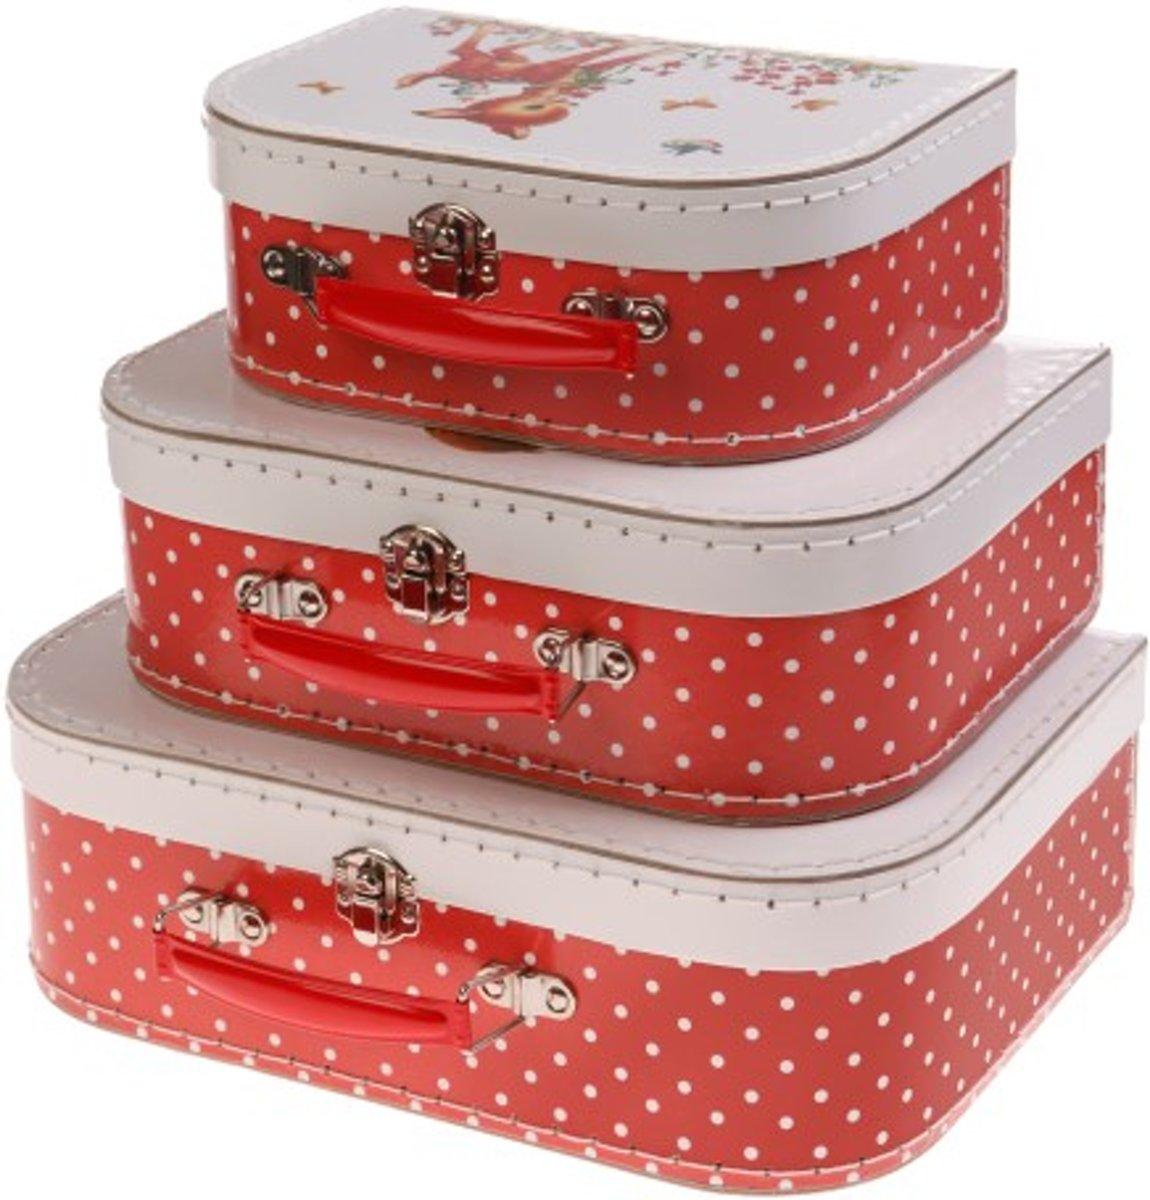 Kofferset Heidi & Friends (3-delig) kopen